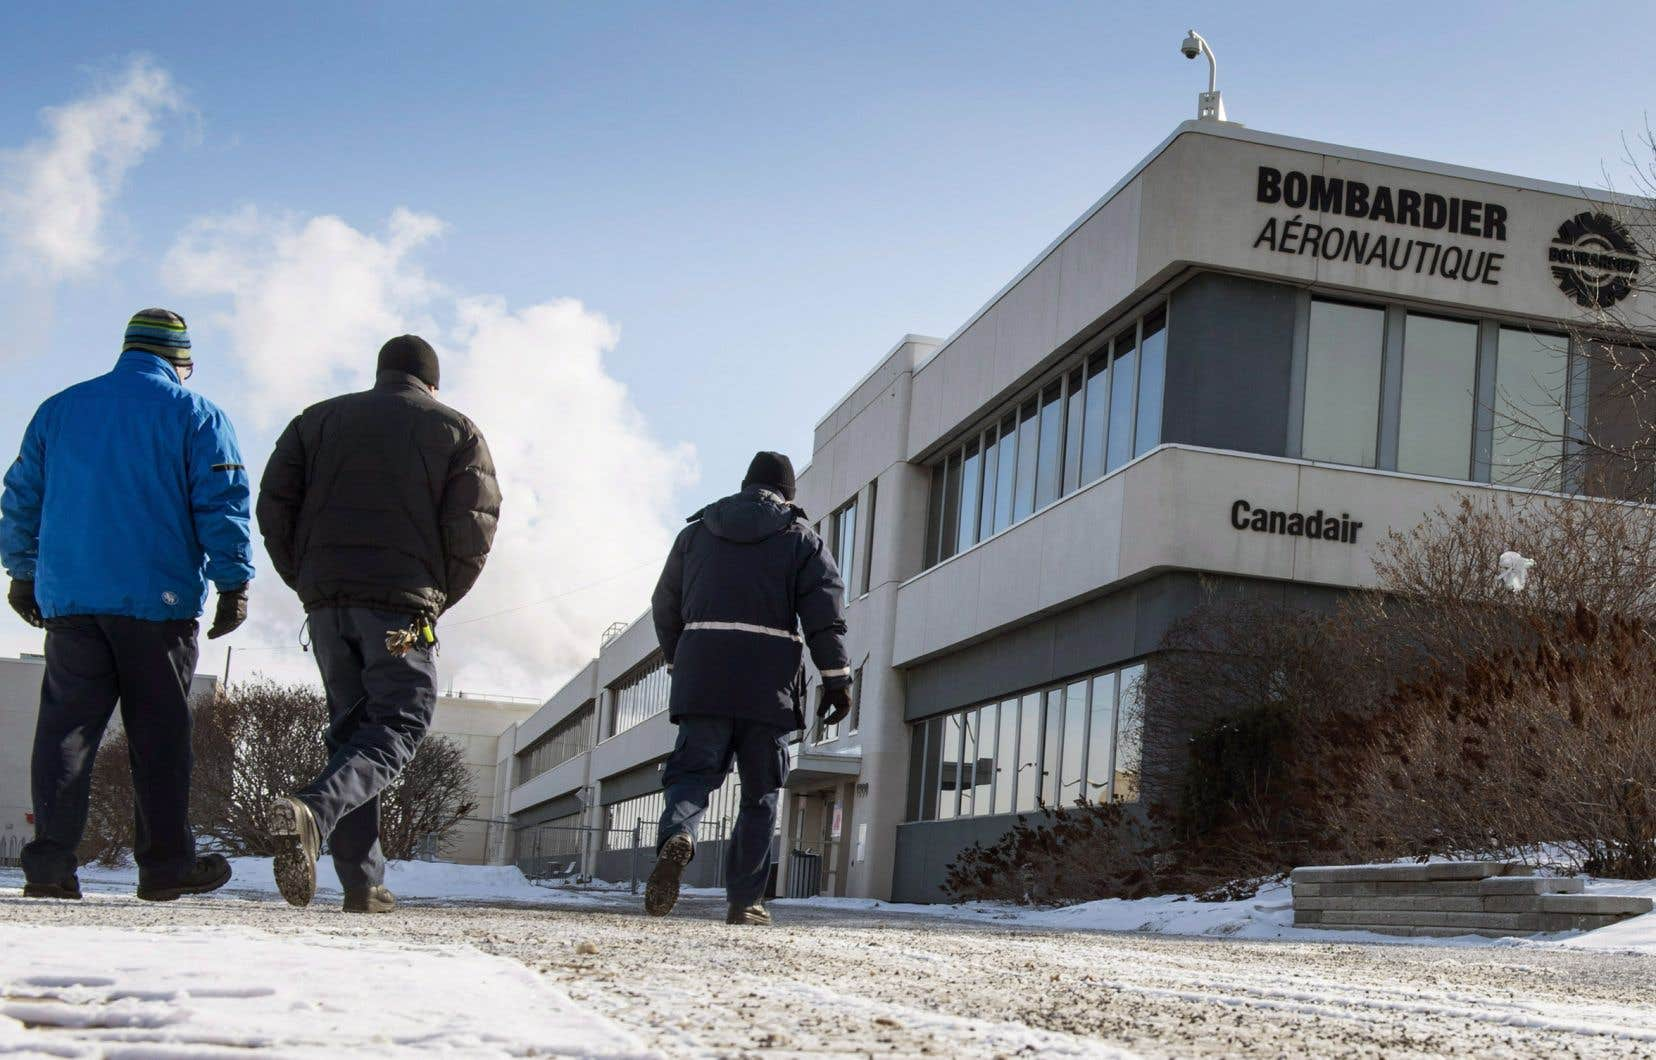 Bombardier, dont la dette atteint 9milliards $US, se trouve dans la cinquième année d'un plan de restructuration.